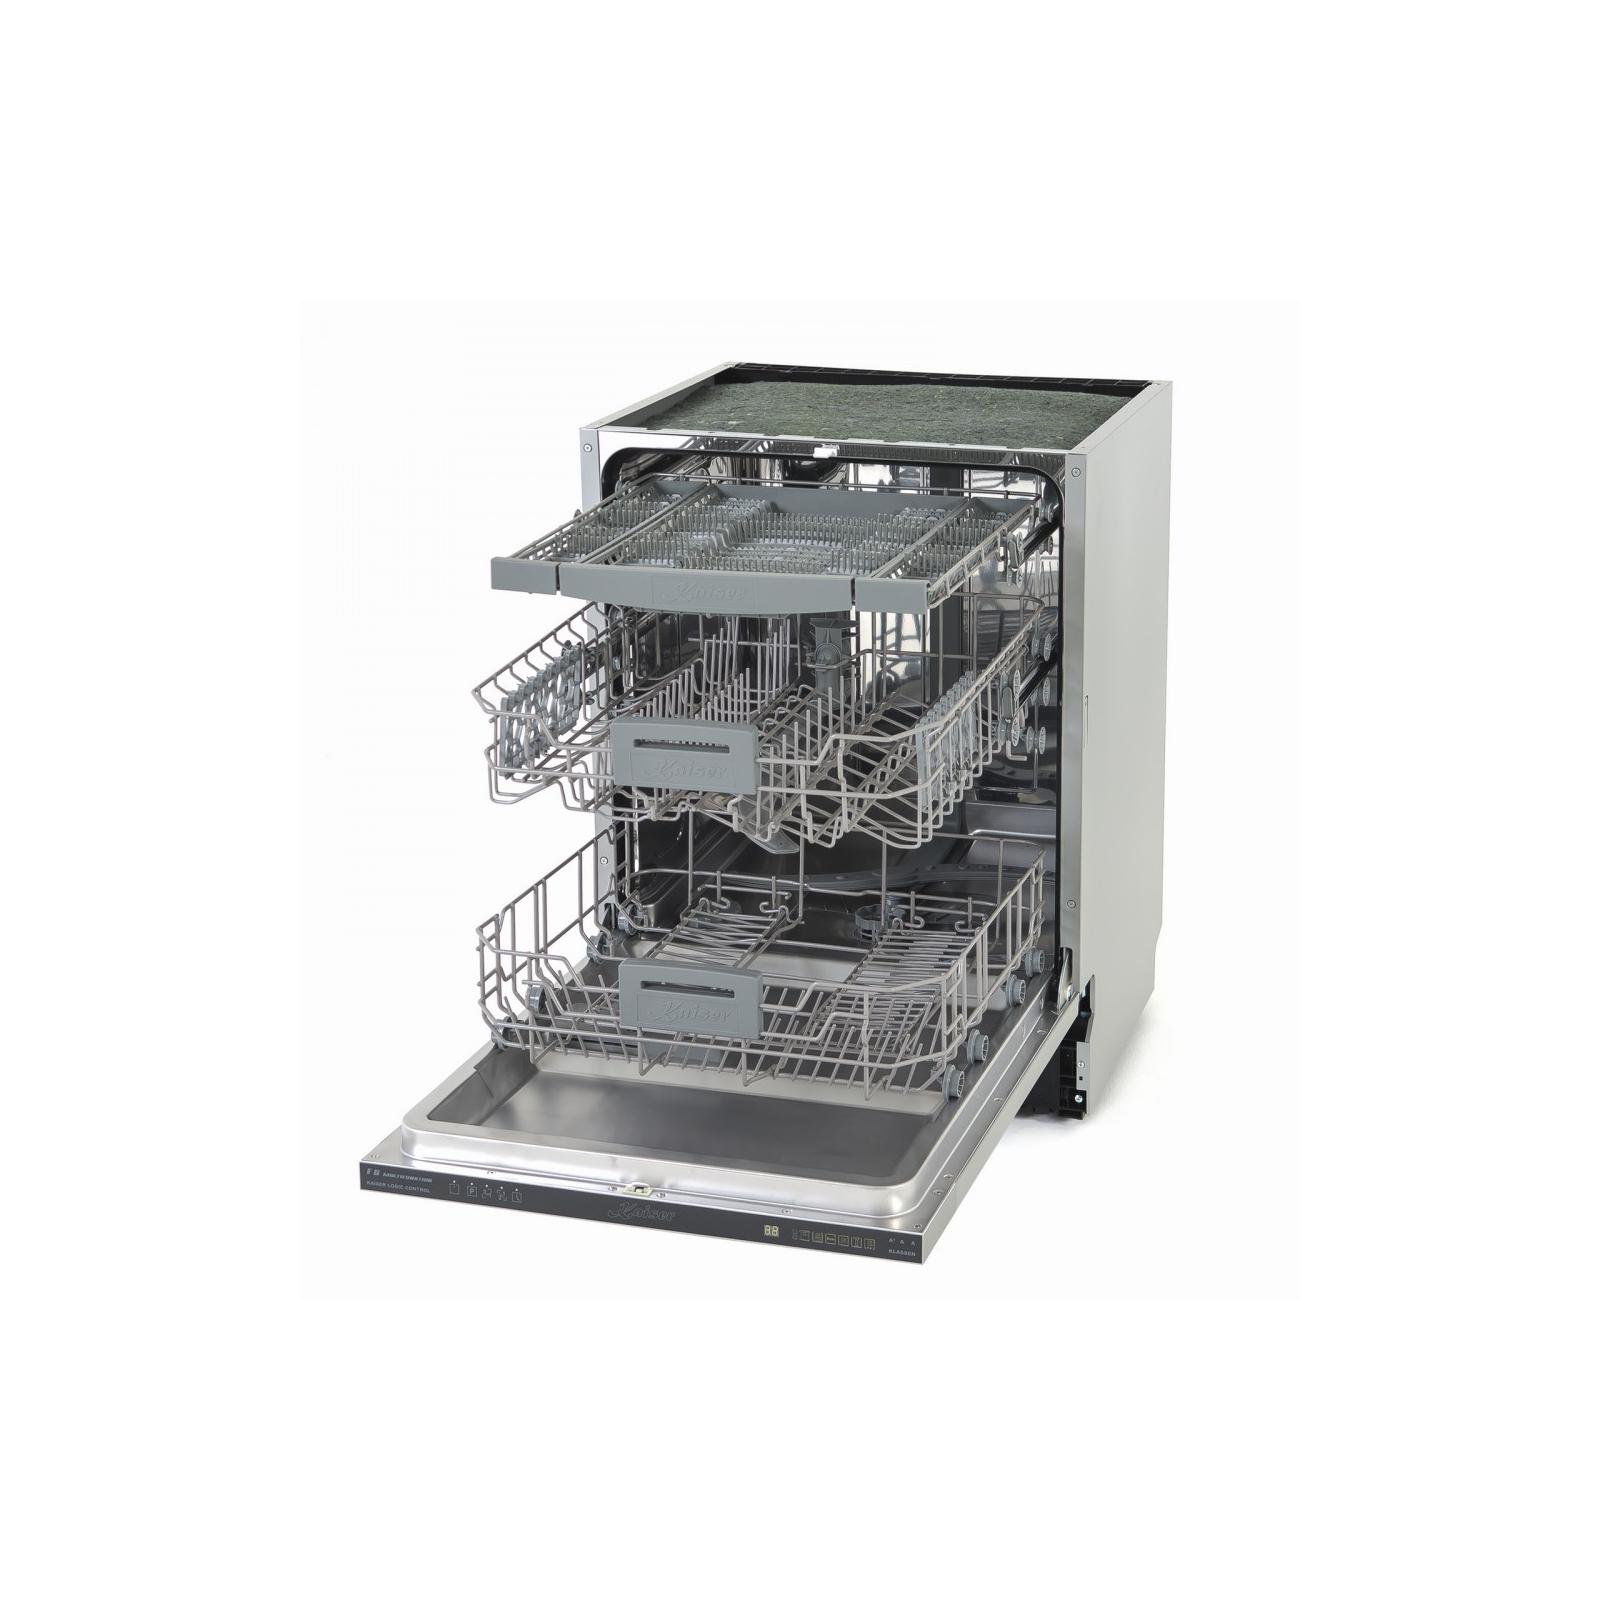 Посудомийна машина Kaiser S45I83XL зображення 2